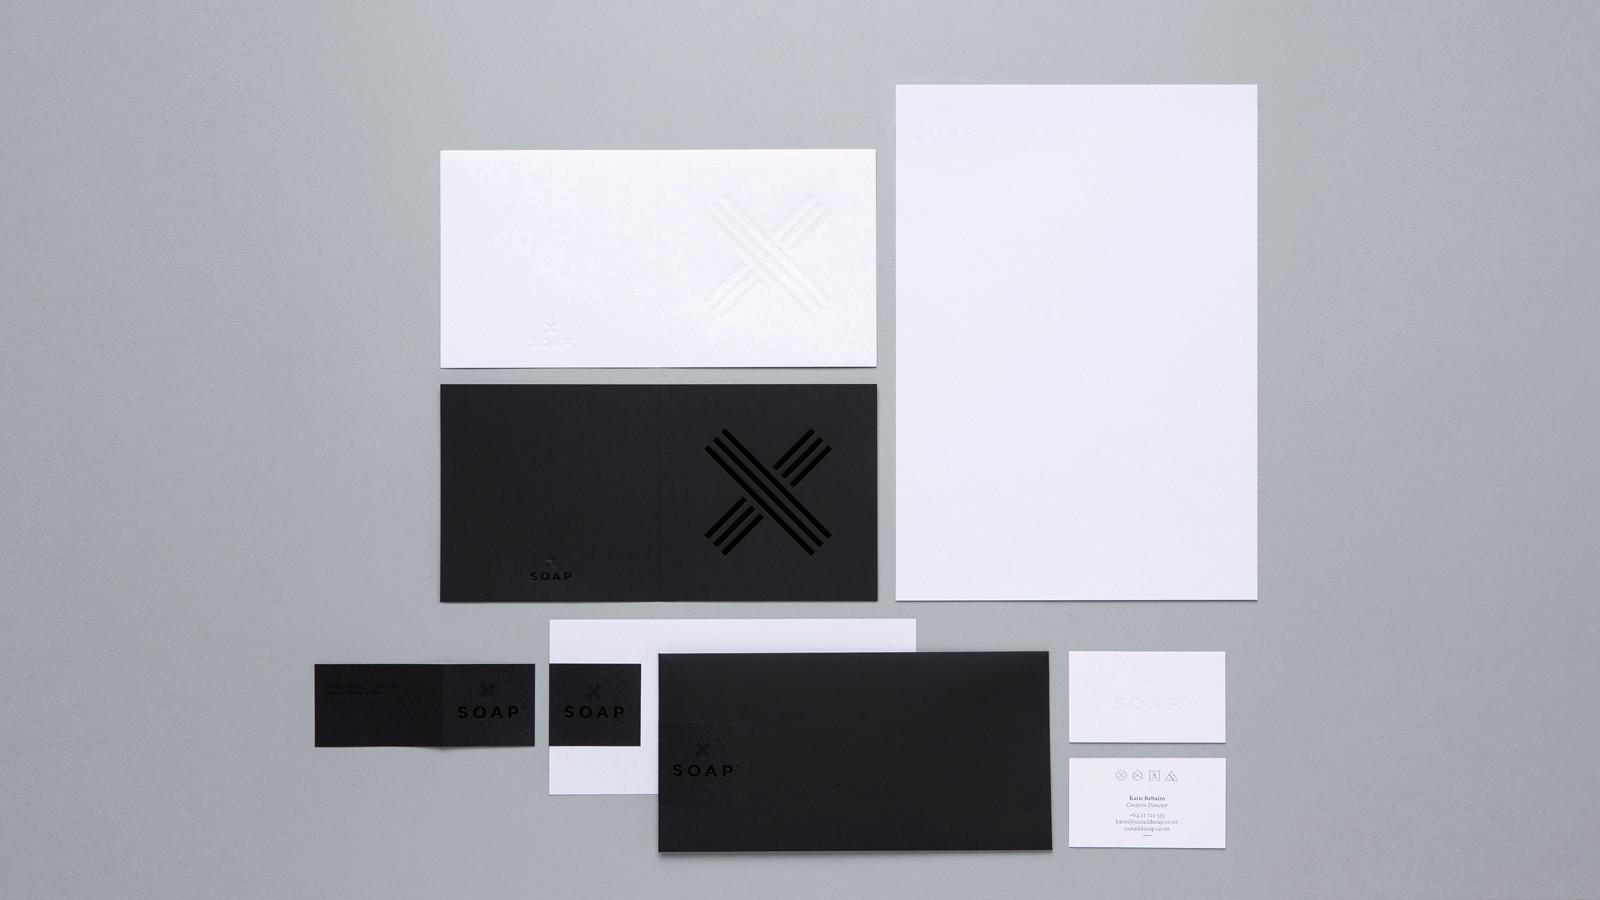 SOAP™ branding – black on black foil and white on white stationery set